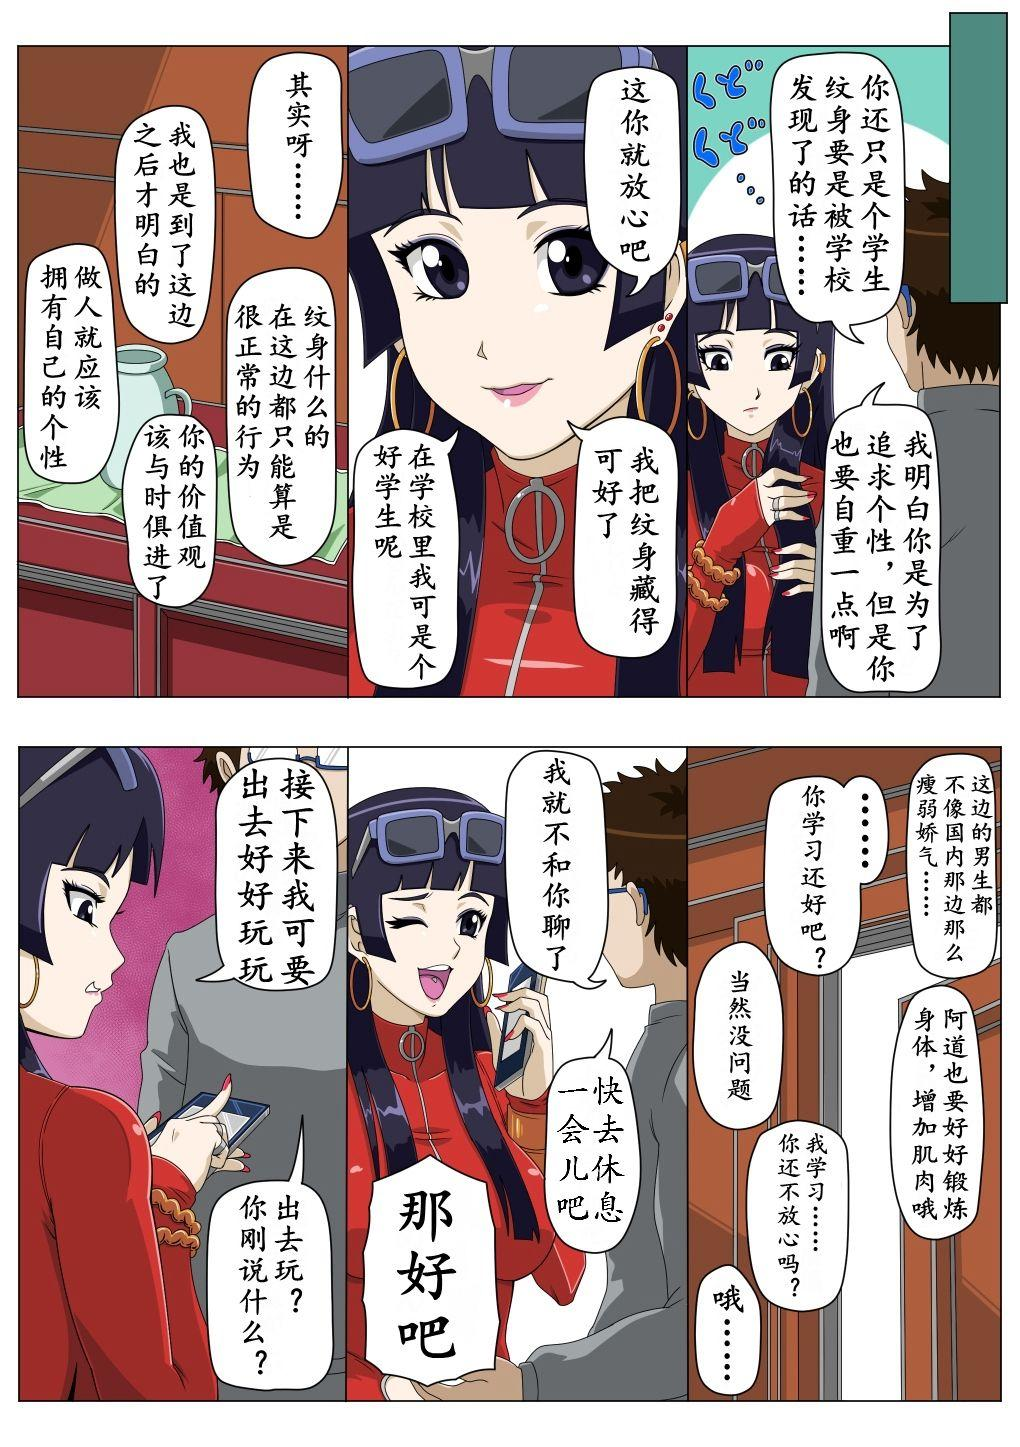 Ryuugaku Shita Osananajimi 2   留学的青梅竹马2 12